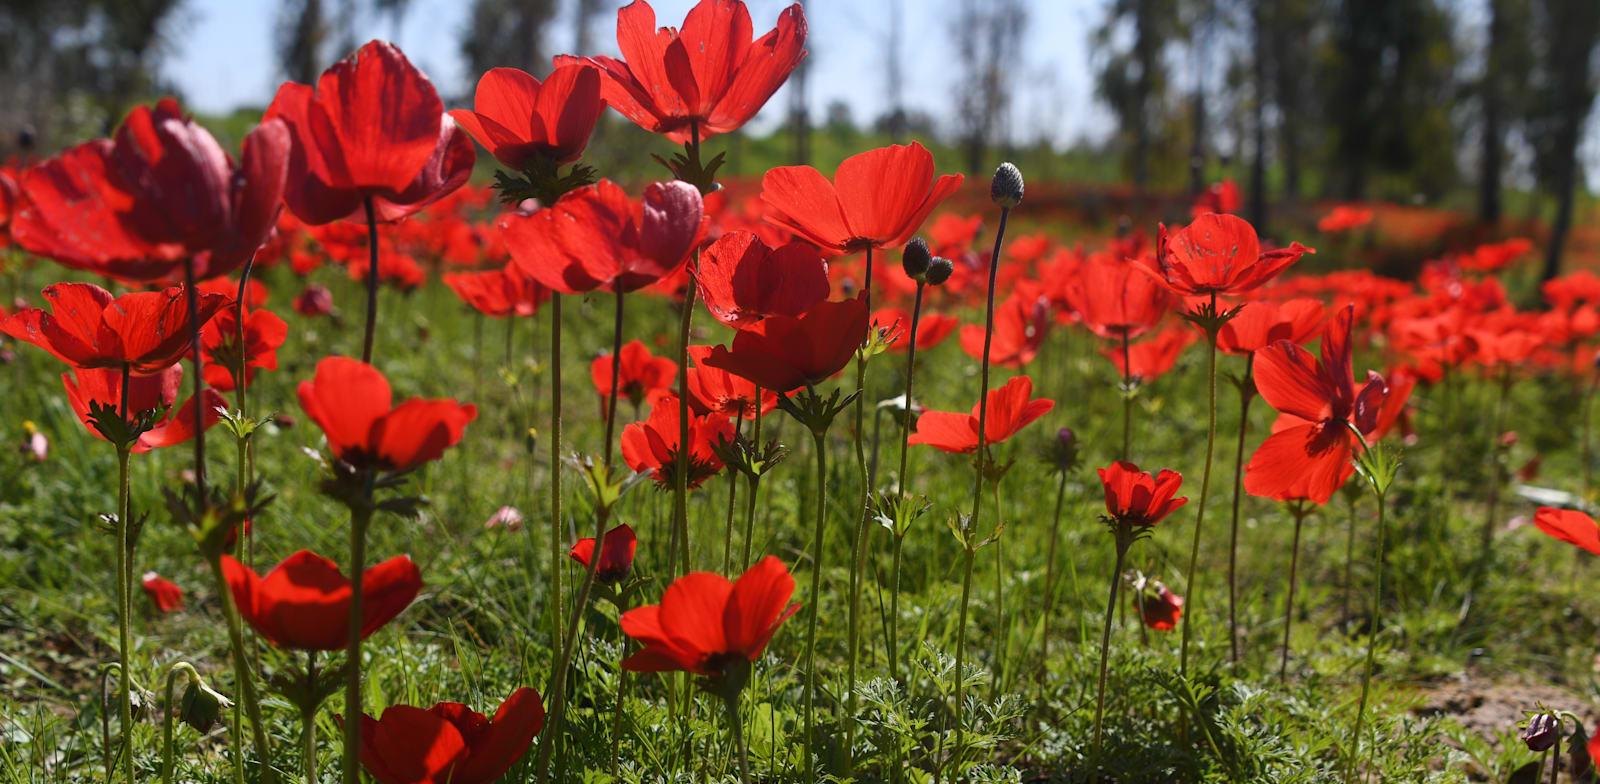 מרבדים של אדום. באר מרווה / צילום: יותם יעקבסון